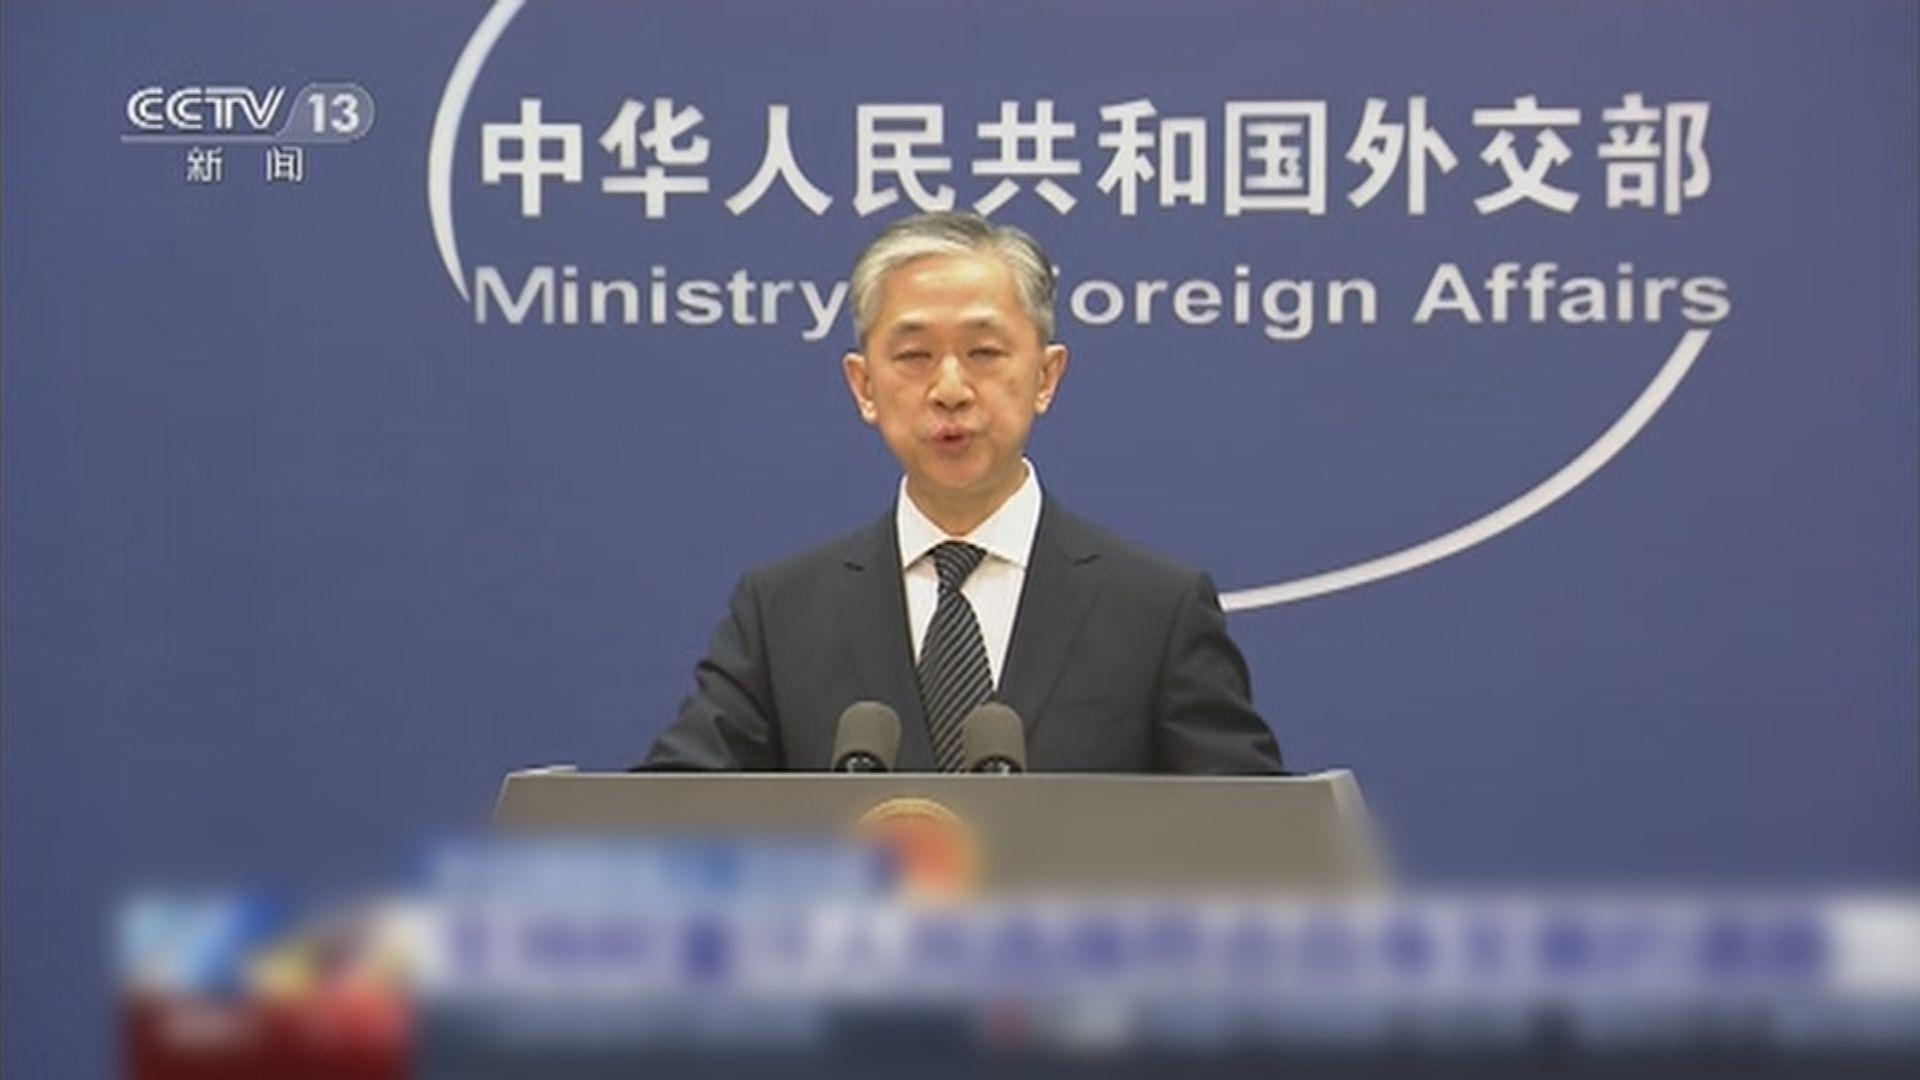 中國支持阿富汗人民選擇發展道路 美國關注臨時政府成員過往行為